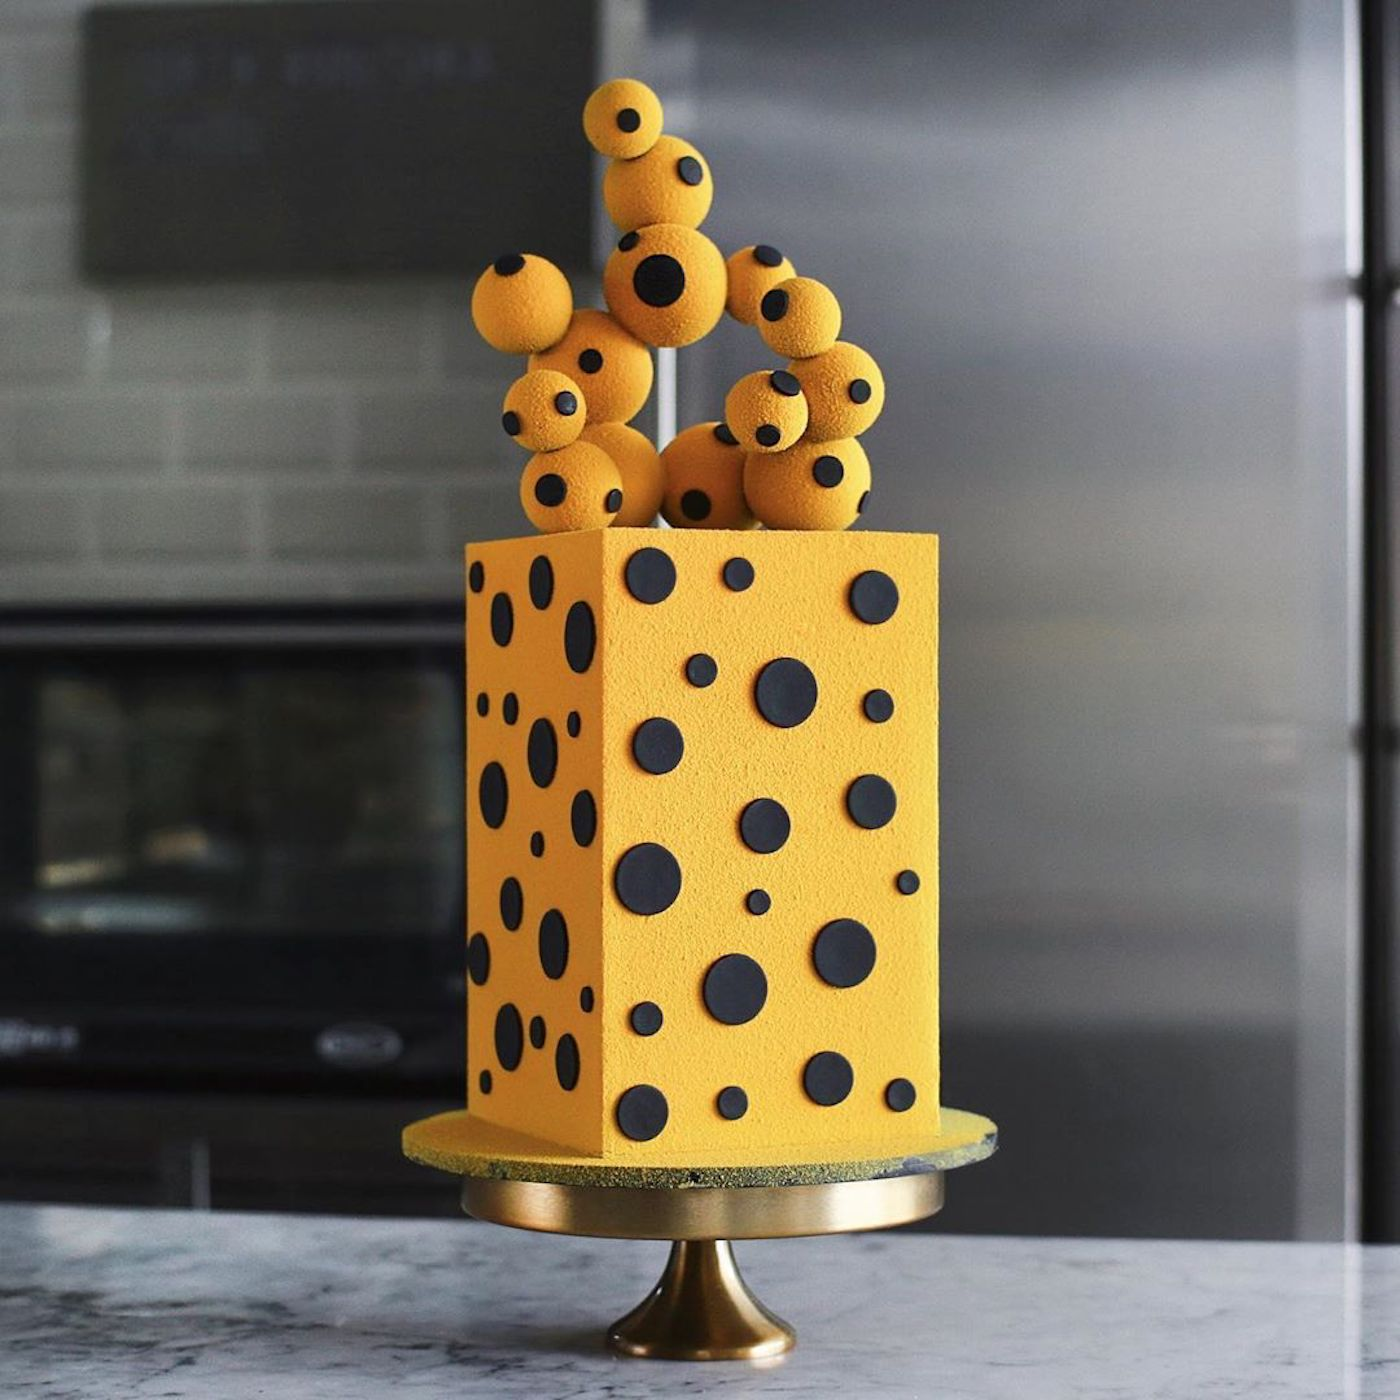 Les incroyables gâteaux du pâtissier russe Rustam Kungurov